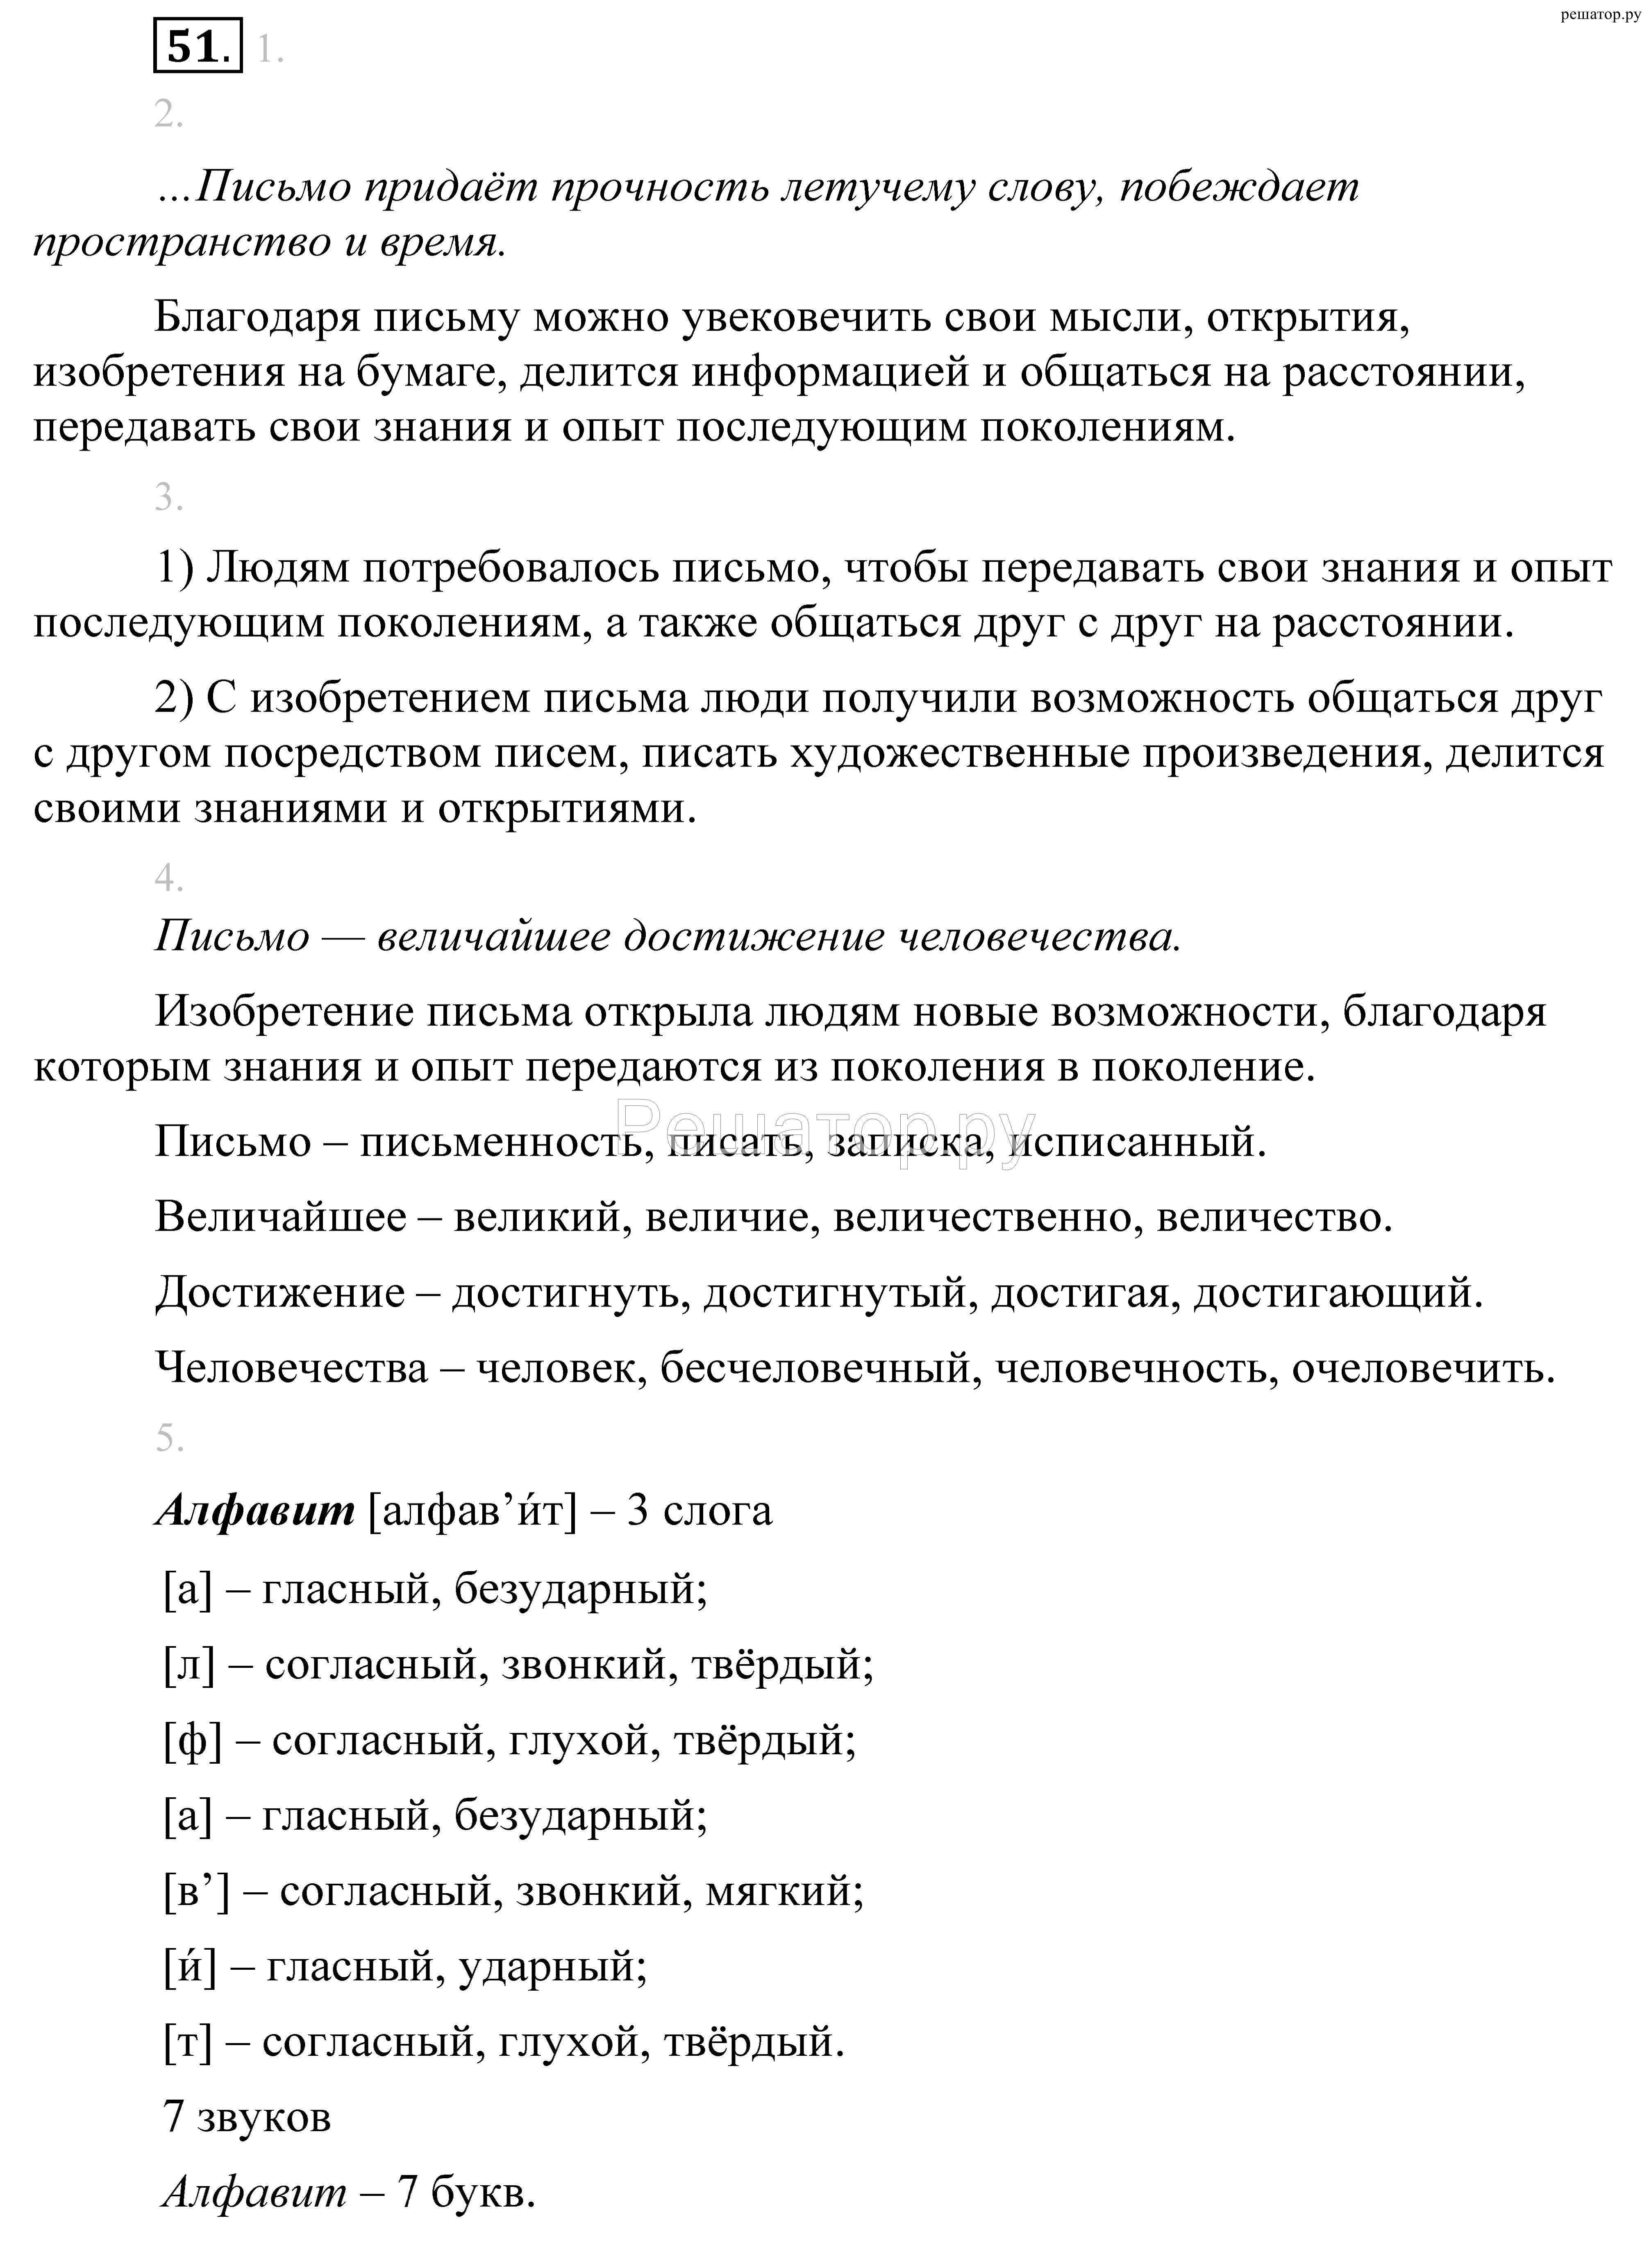 Учебник по русскому языку 5 класс ответы 2018 год разумовская